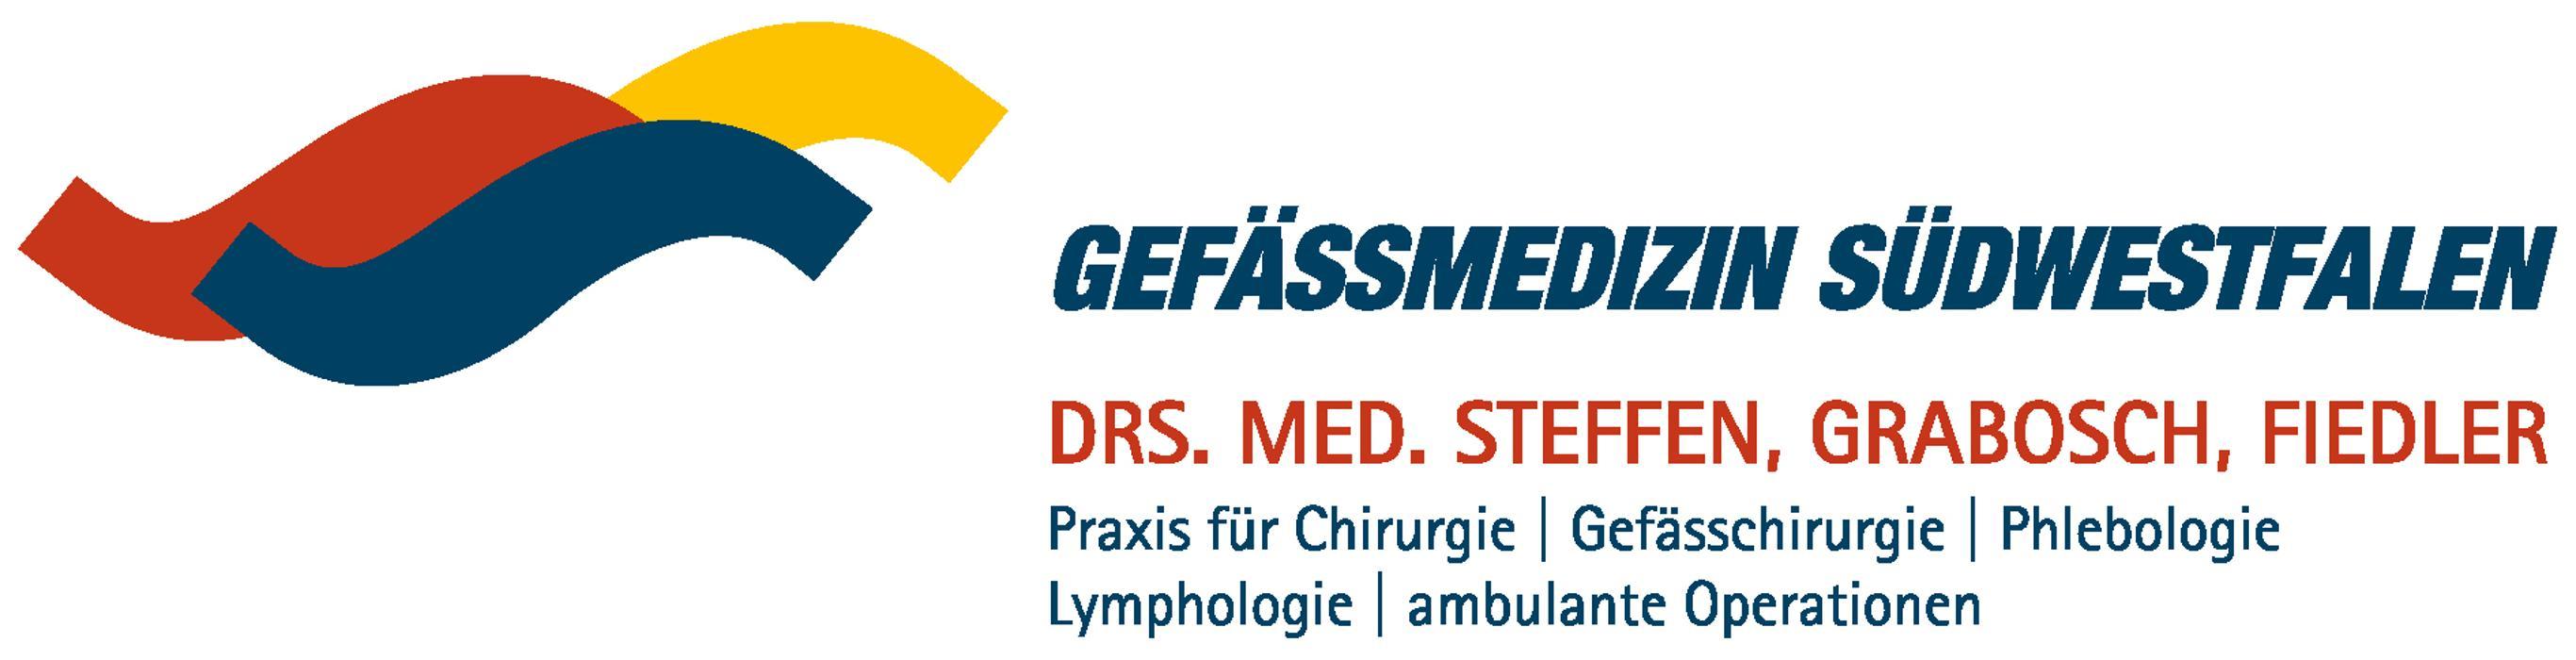 Bild zu Praxis für Chirurgie/Gefäßchirurgie Dres. Steffen/Grabosch/Fiedler in Soest